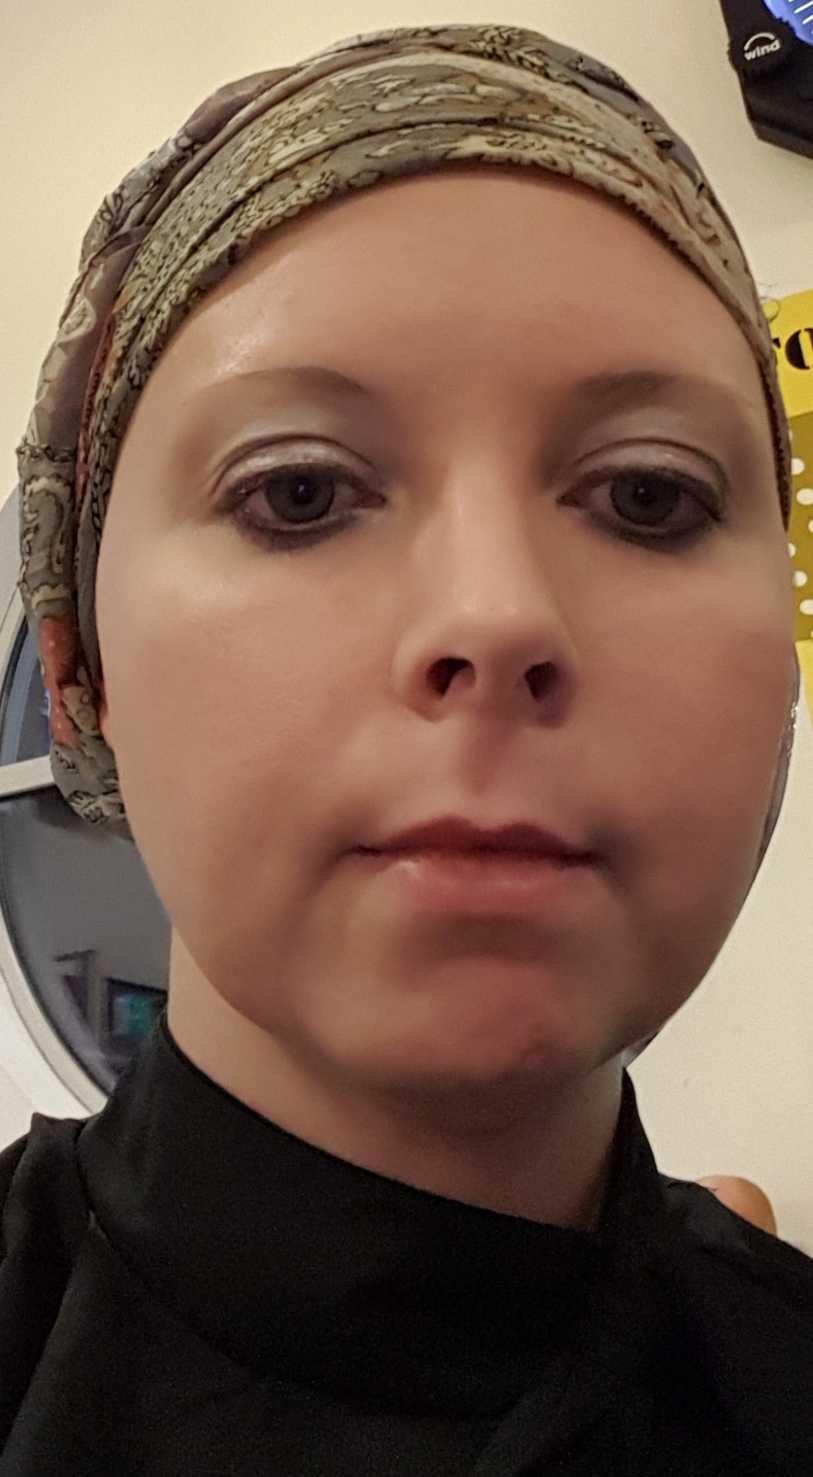 Louise Johansson har sju månader kvar i livet.